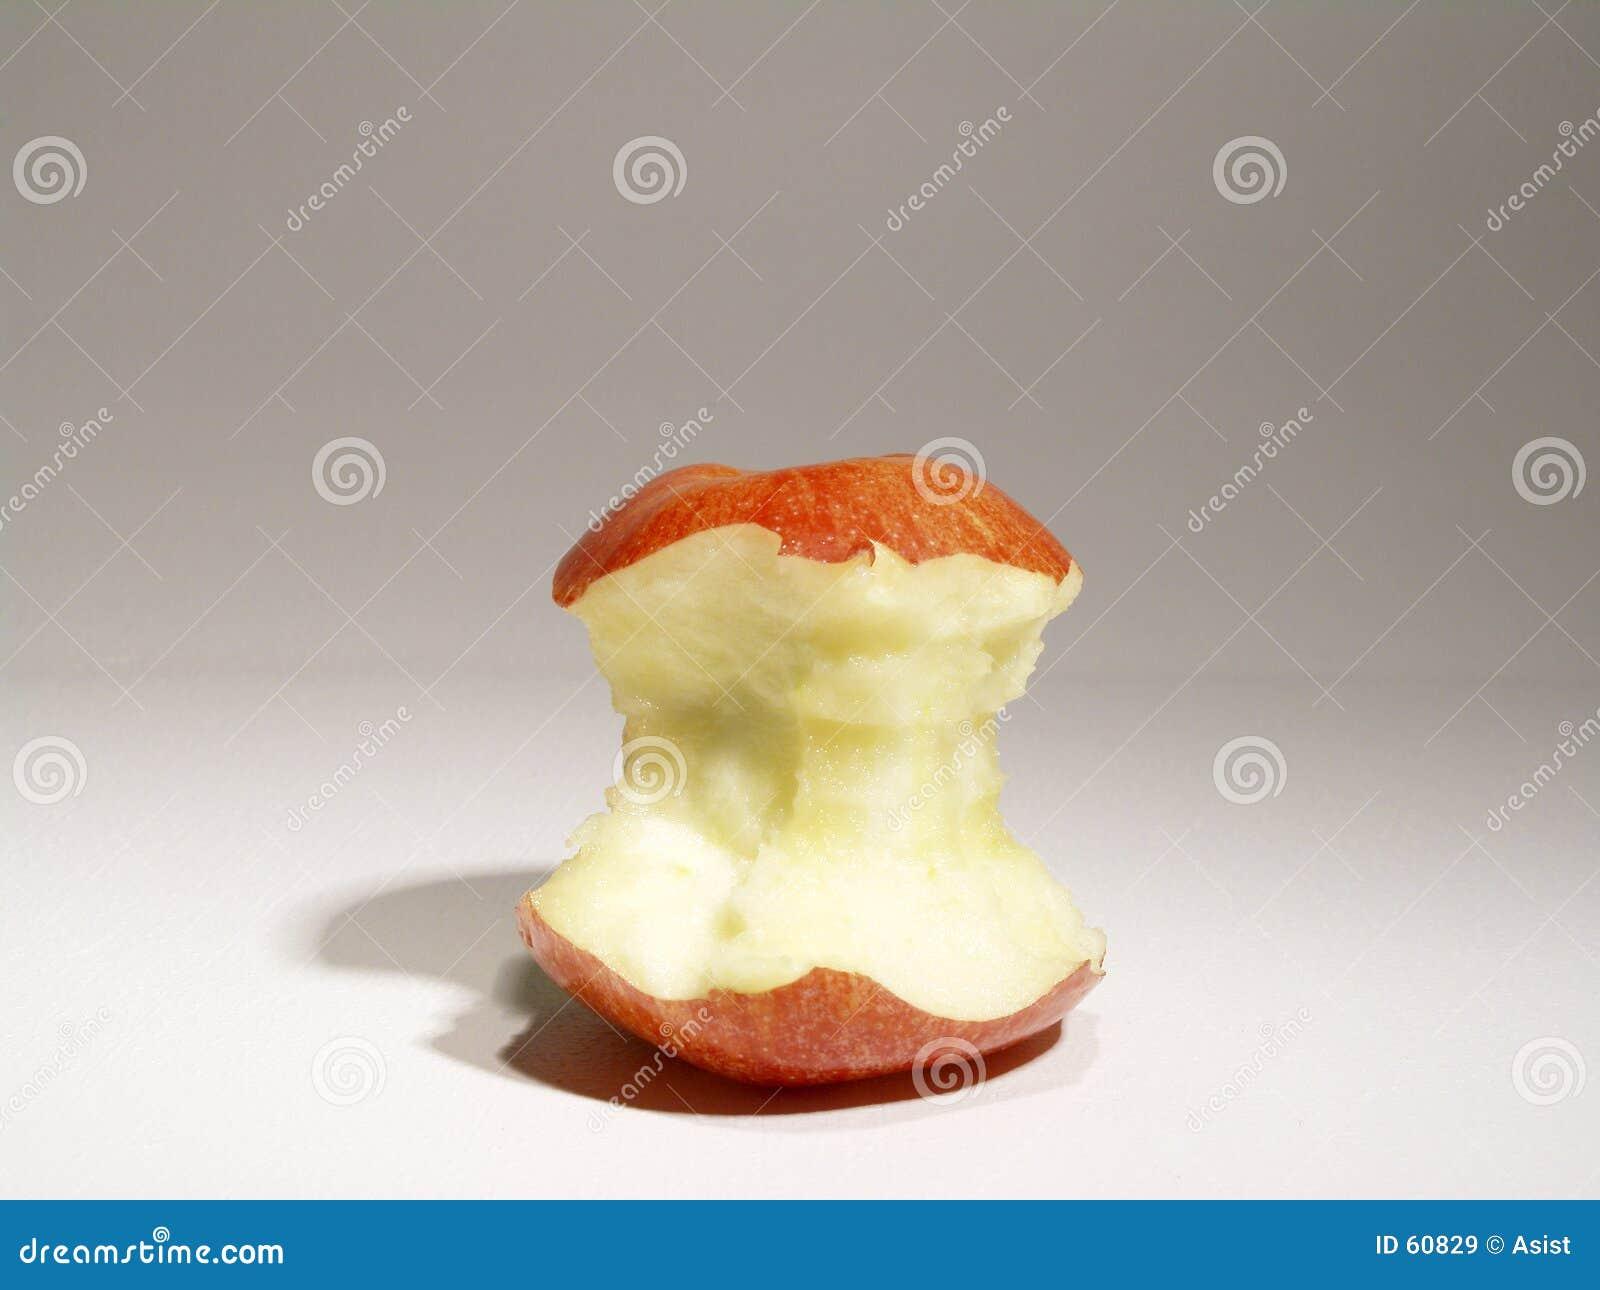 Download Noyau d'Apple image stock. Image du durée, fruit, nourriture - 60829